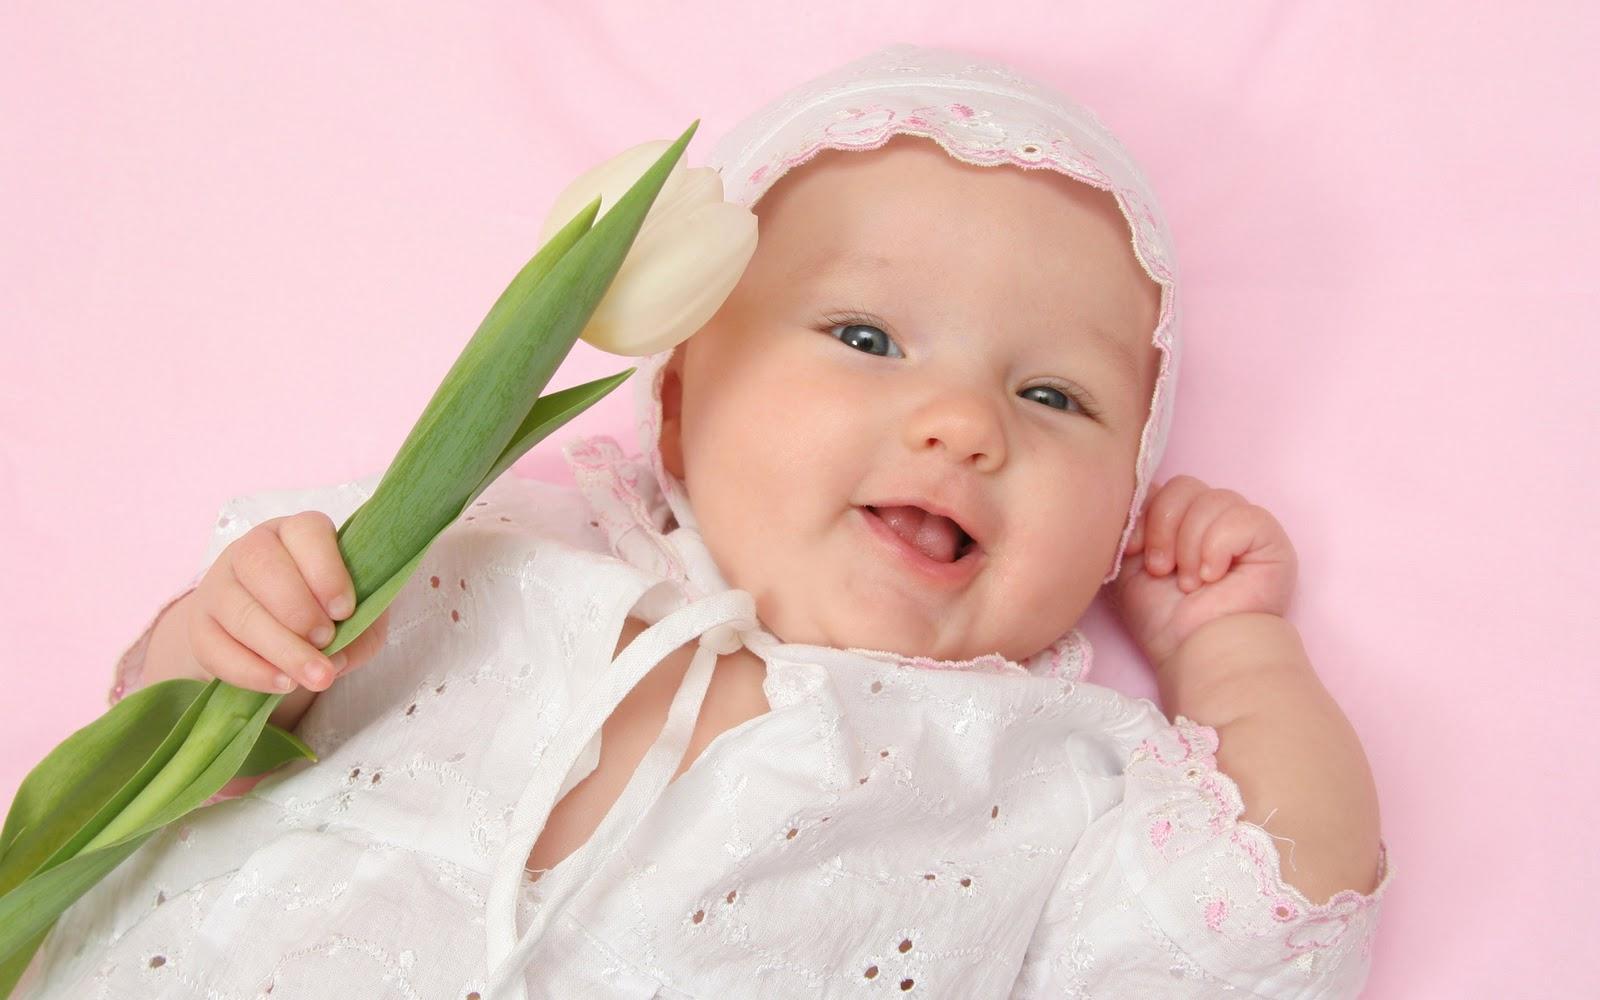 Mooie baby achtergronden leuke hd baby wallpapers afbeeldingen foto 1 1600x1000